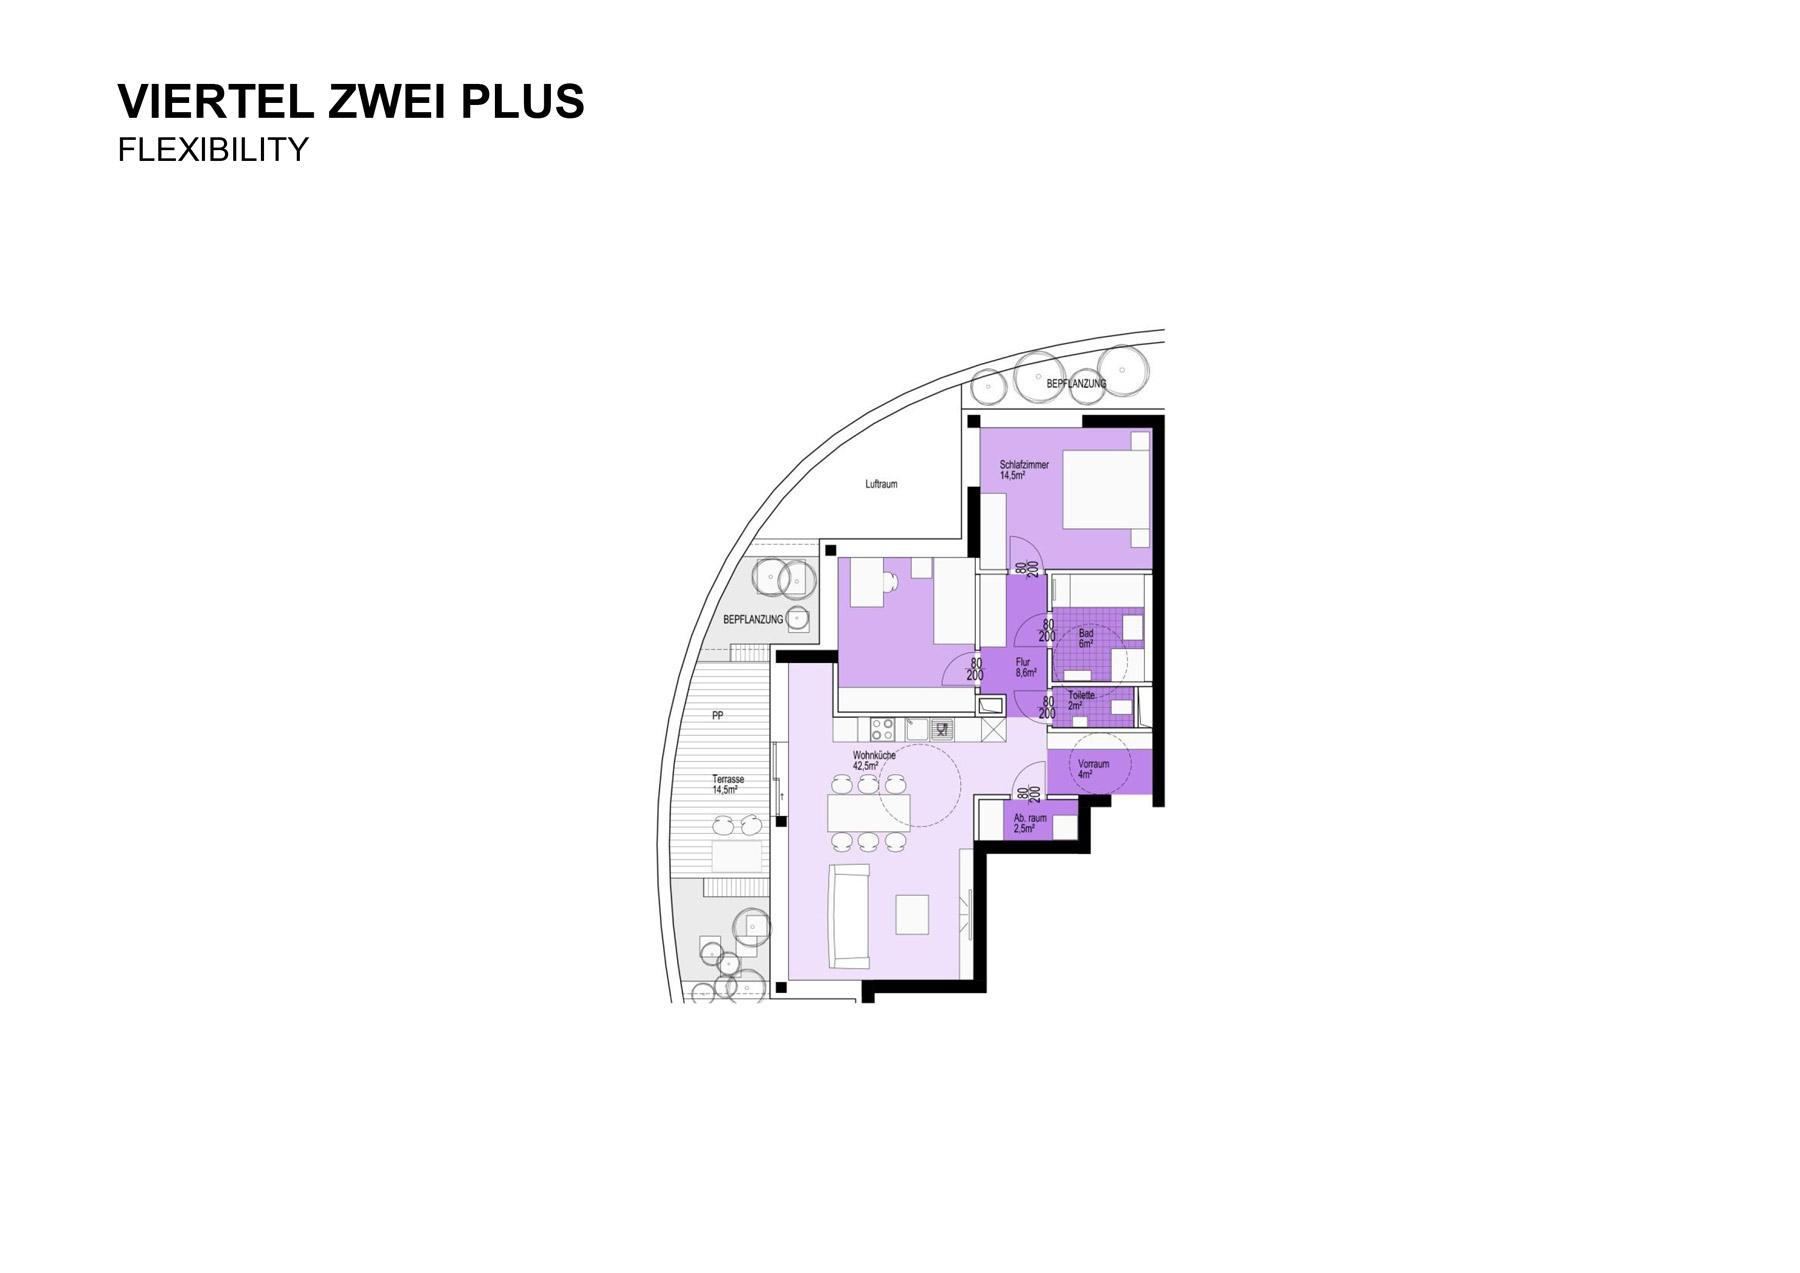 217_v2P_Rondo_Slide_24